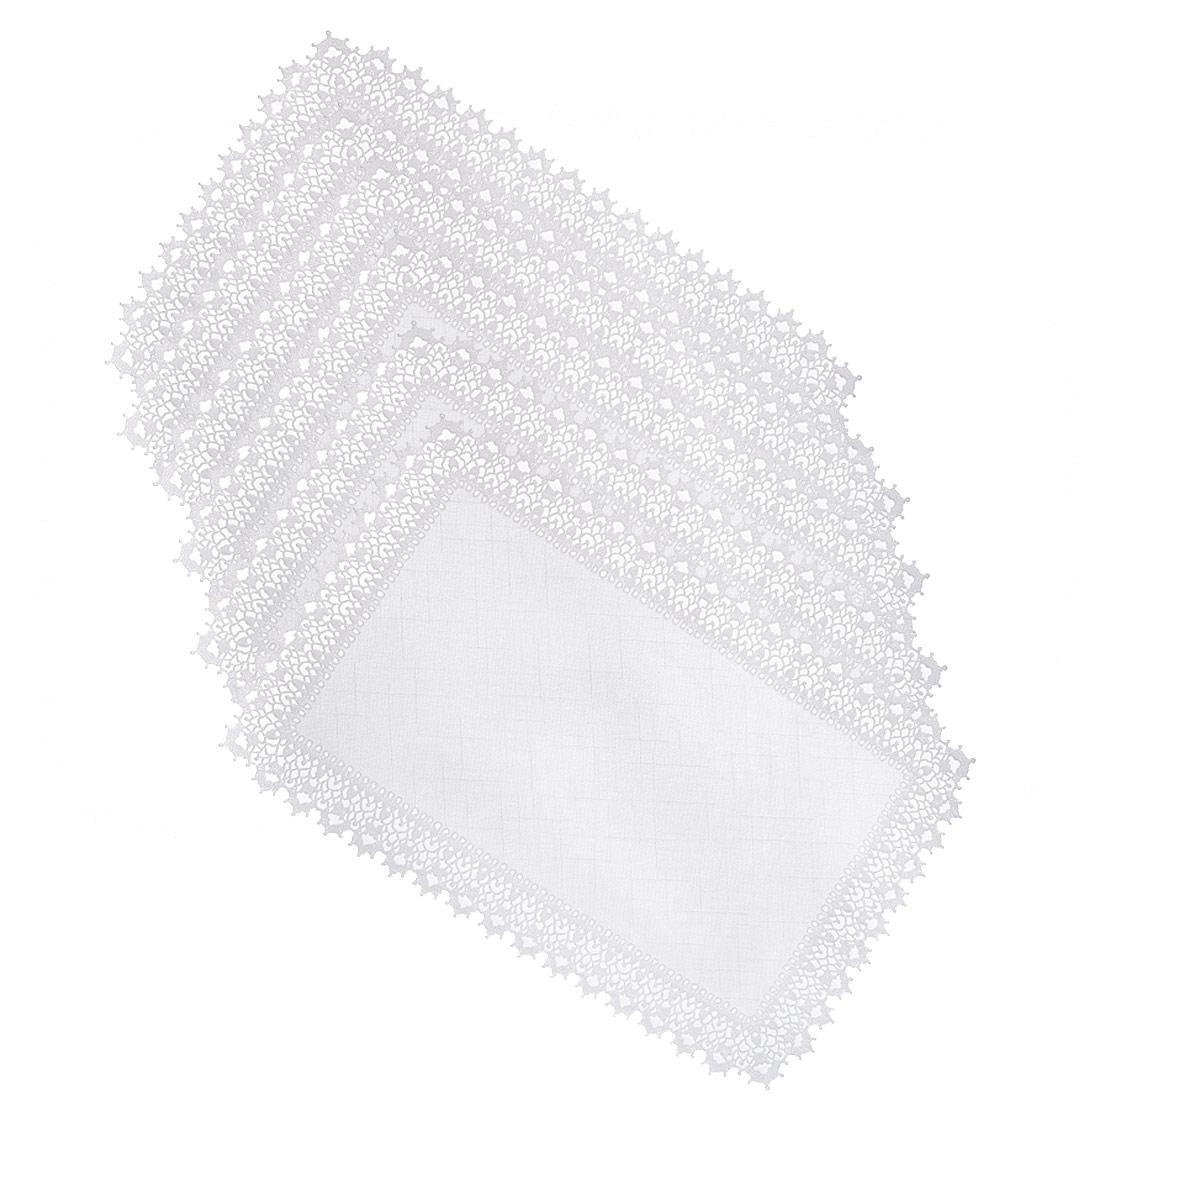 Набор салфеток Ажурные, цвет: белый, прямоуголные, 30 х 45 см, 6 штMN3252Набор салфеток Ажурные включает в себя 6 салфеток, выполненных из винила и оформлены кружевным узором. Преимущества салфеток состоят в том, что они достаточно легко оттираются от загрязнений, не нуждаются в глажке и при этом всегда украшает стол своим внешним видом. Вы можете использовать салфетки для декорирования стола, комода, журнального столика. В любом случае они добавят в ваш дом стиля, изысканности и неповторимости и уберегут мебель от царапин и потертостей. Характеристики: Материал: 100% винил. Диаметр скатерти: 30 см х 45 см. Цвет: белый. Страна-изготовитель: Китай.